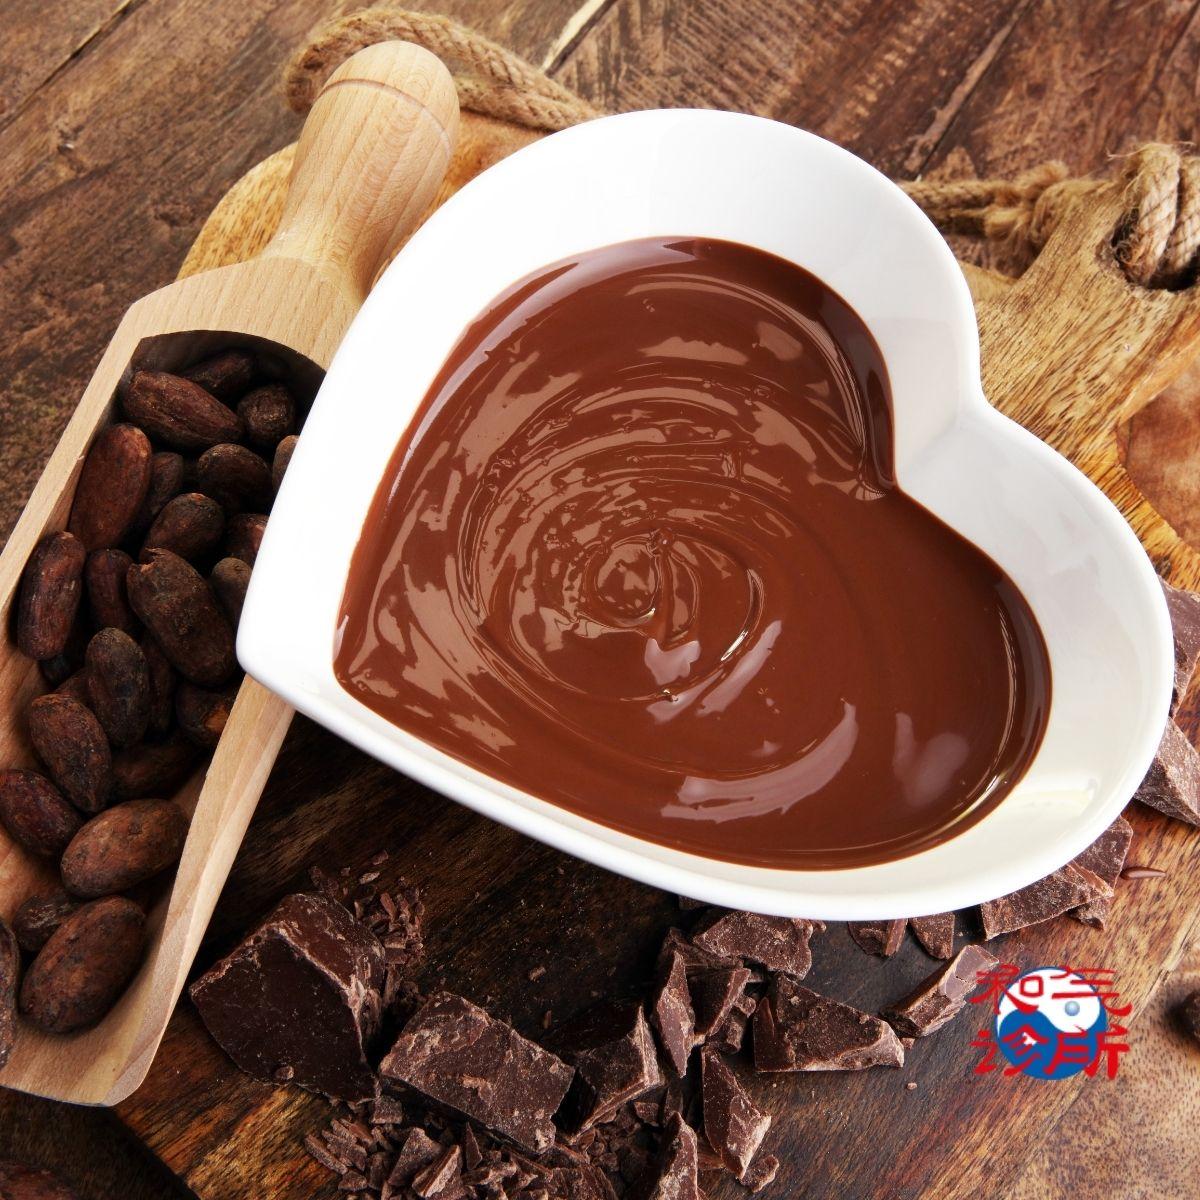 Spa_Namorados_Chocolate_espaço_ki